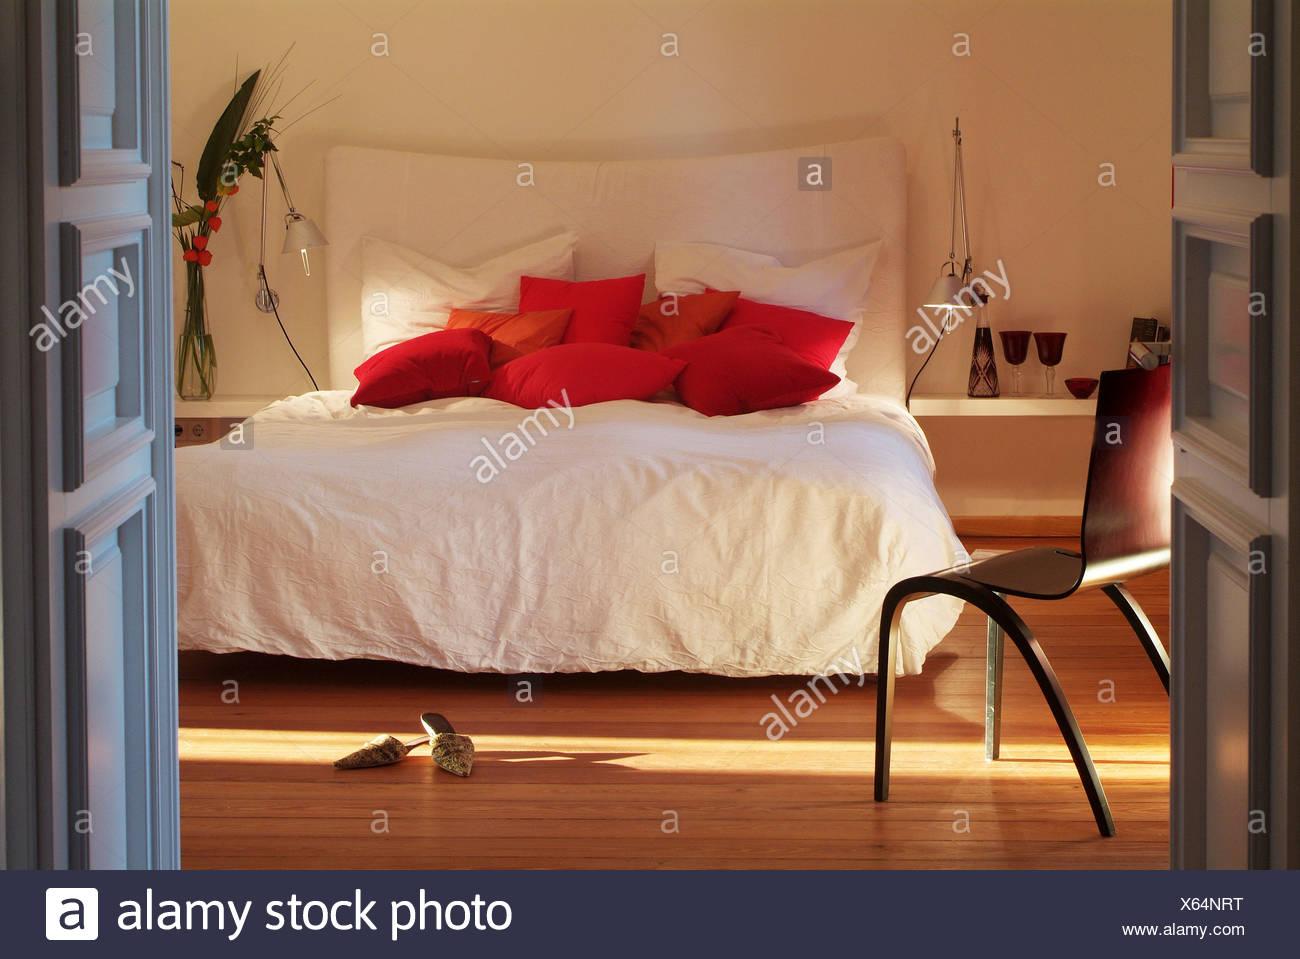 Stilvolle Schlafzimmer   Stilvolle Schlafzimmer Mit Einem Weissen Bett In Anspruchsvollen